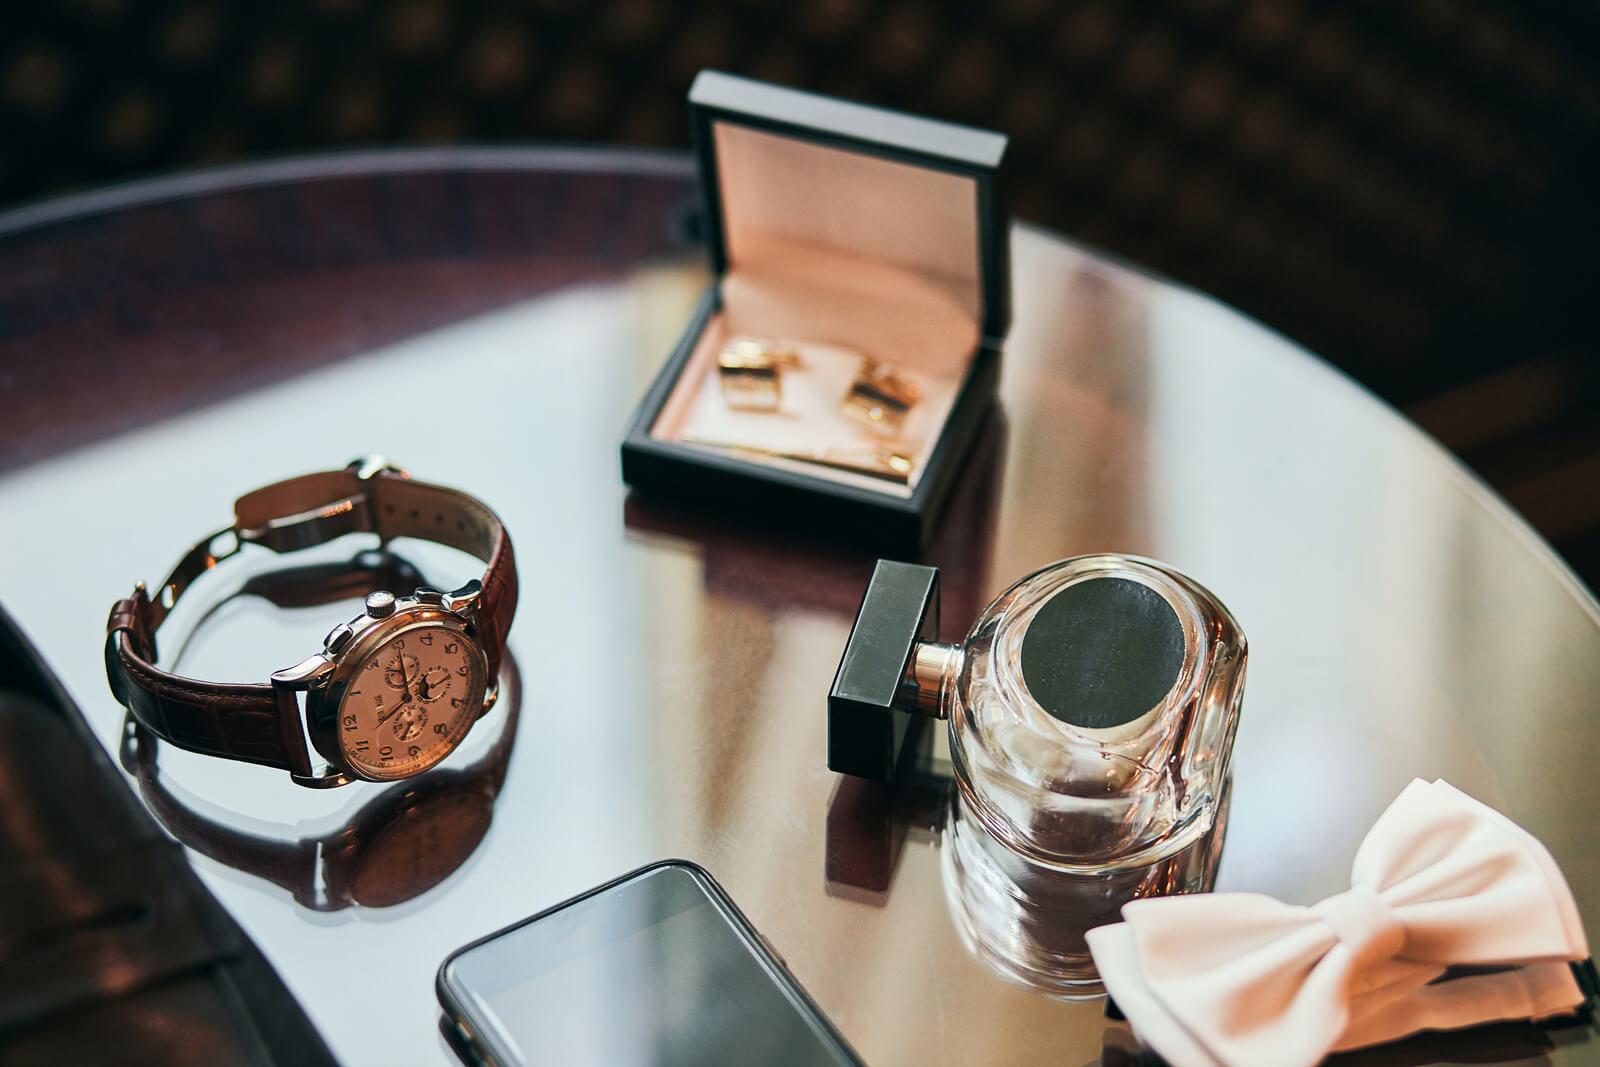 Šperk jako originální dárek pro muže